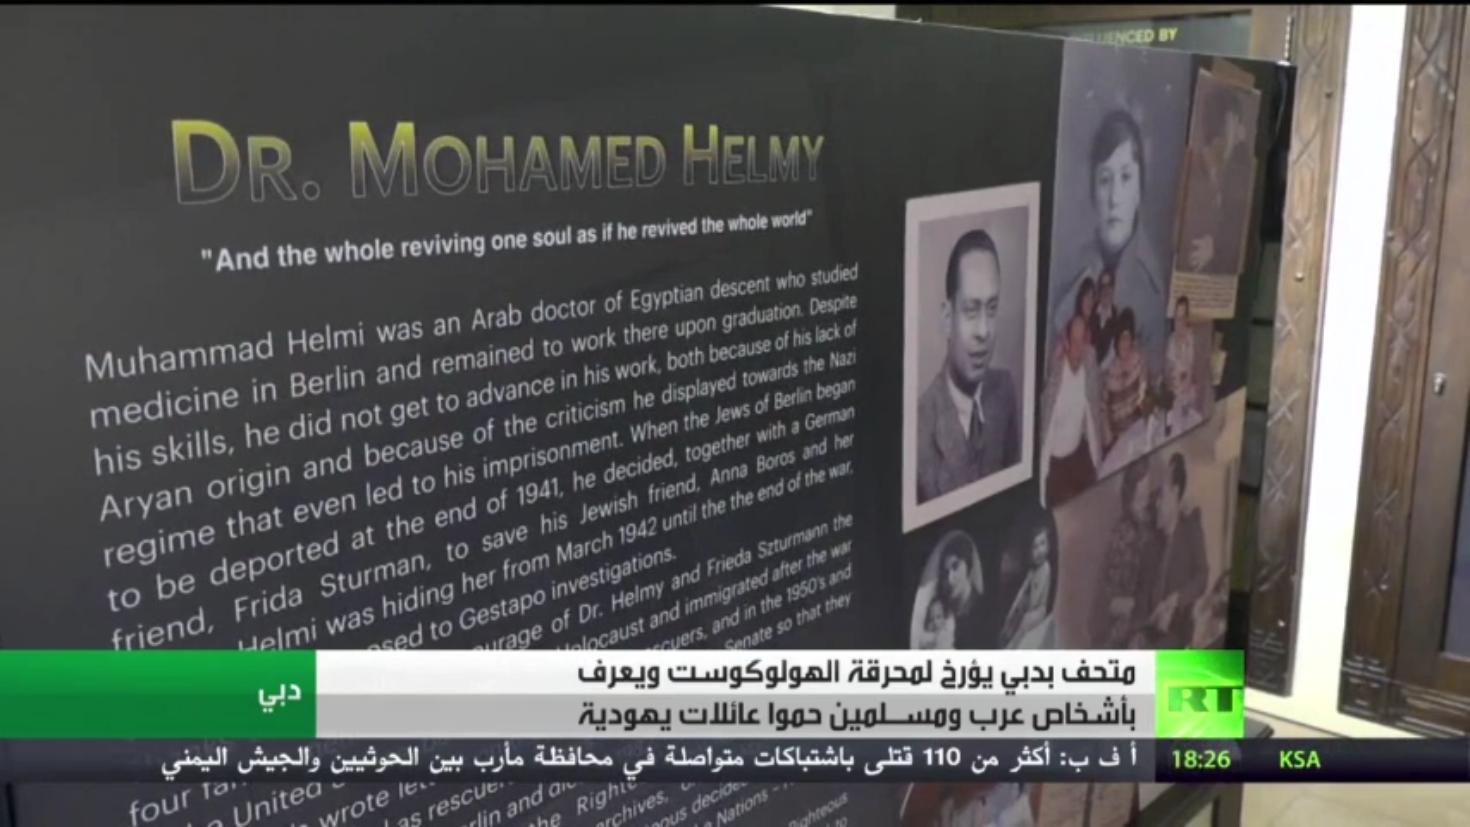 معرض الهولوكوست اليهودي في دبي